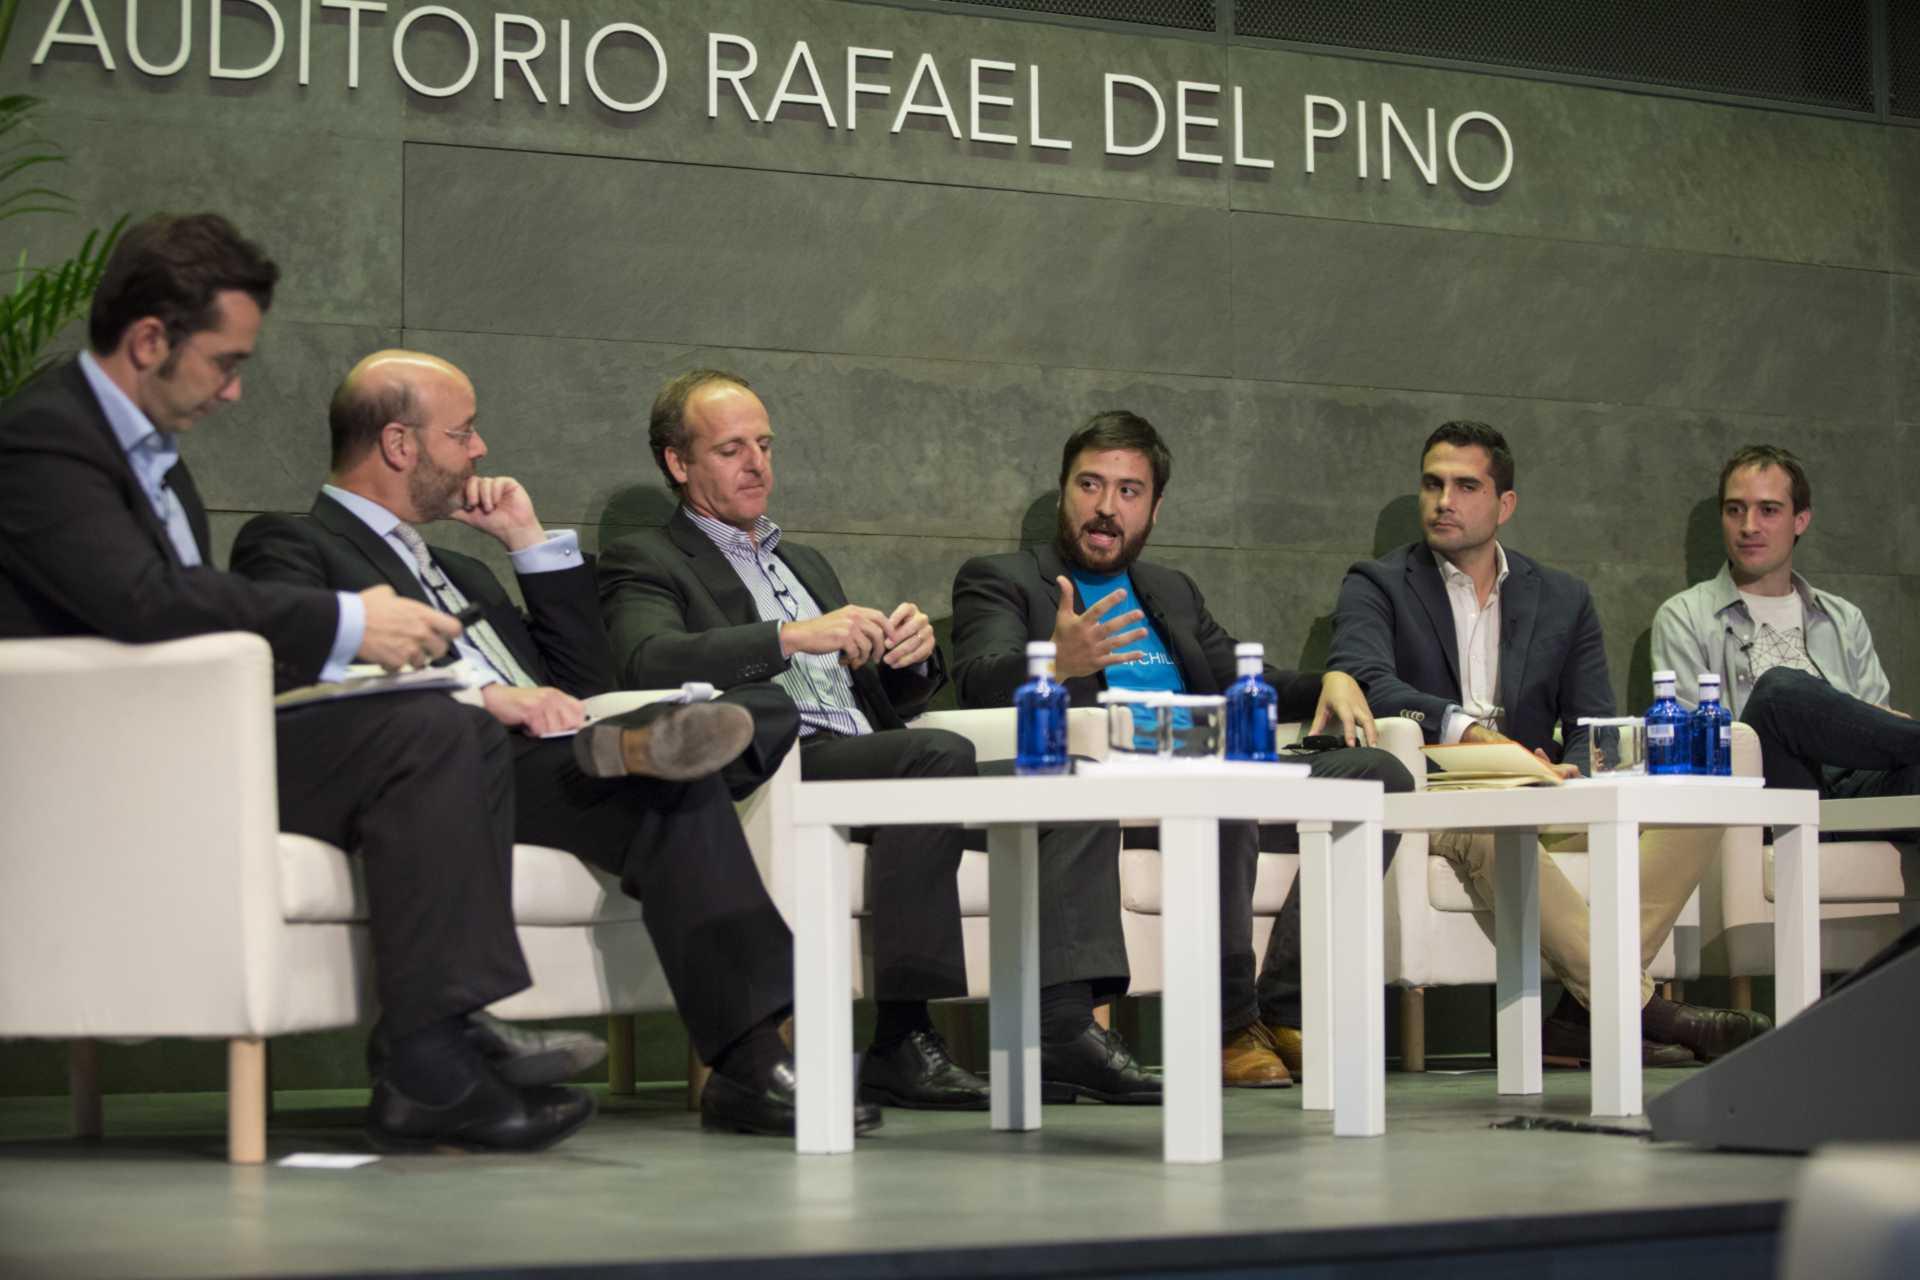 La Fundación Rafael del Pino, en colaboración con Esade Business School y la Fundación Chile España, organiza,  la novena edición de Start Up Spain,  En esta ocasión Start Up Spain reunirá a emprendedores españoles y chilenos que analizaran los ecosistemas emprendedores en ambos países. En Madrid el 23 de octubre de 2014.